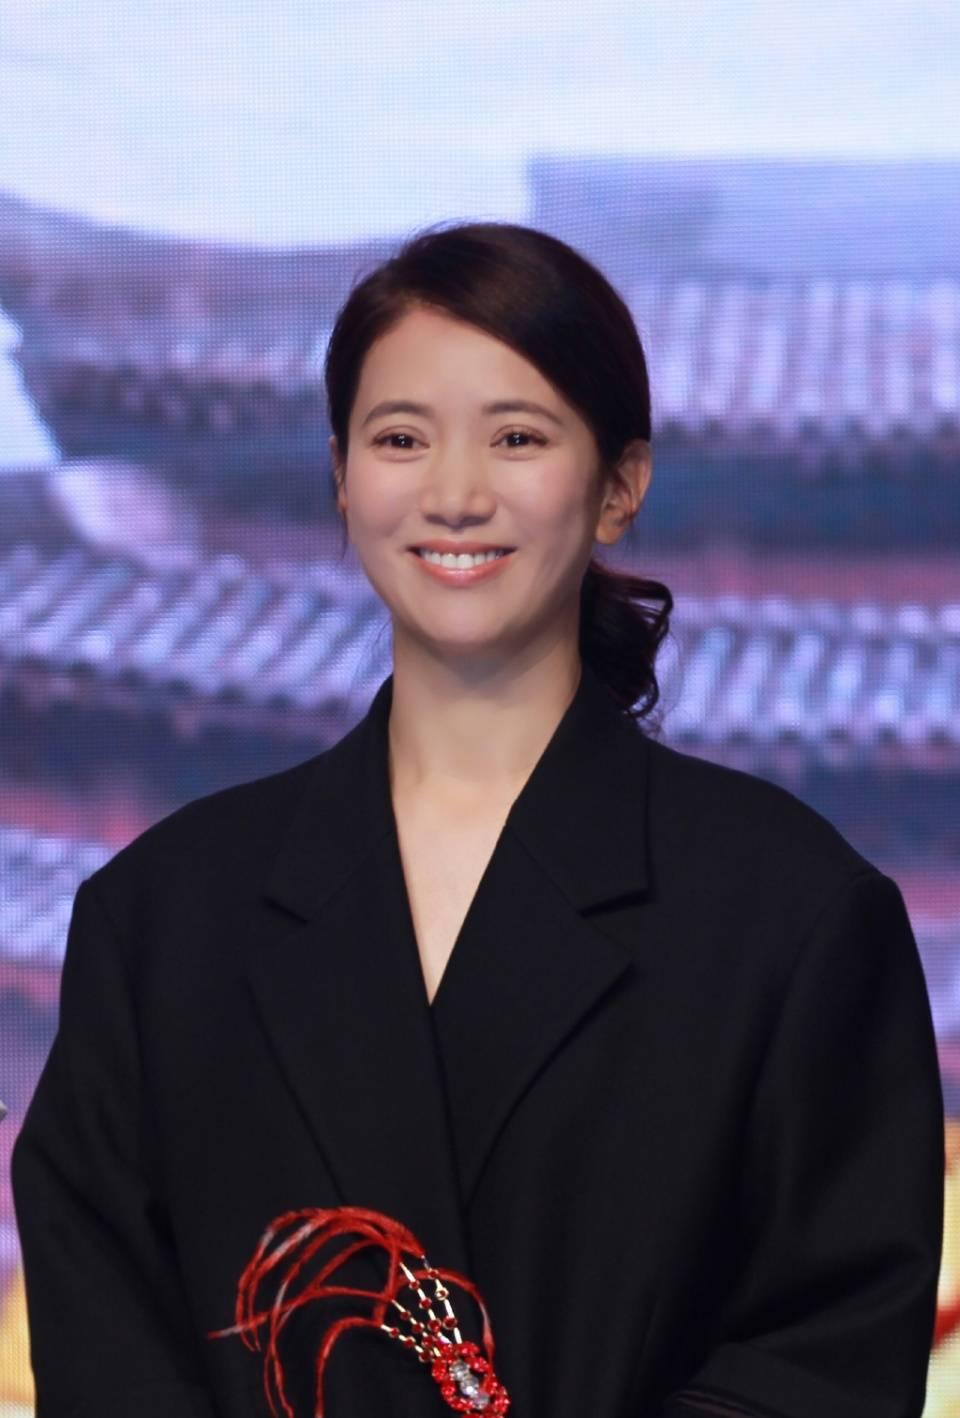 47岁袁咏仪又换新发型!高扎丸子头最少减龄10岁,换个造型更俏皮